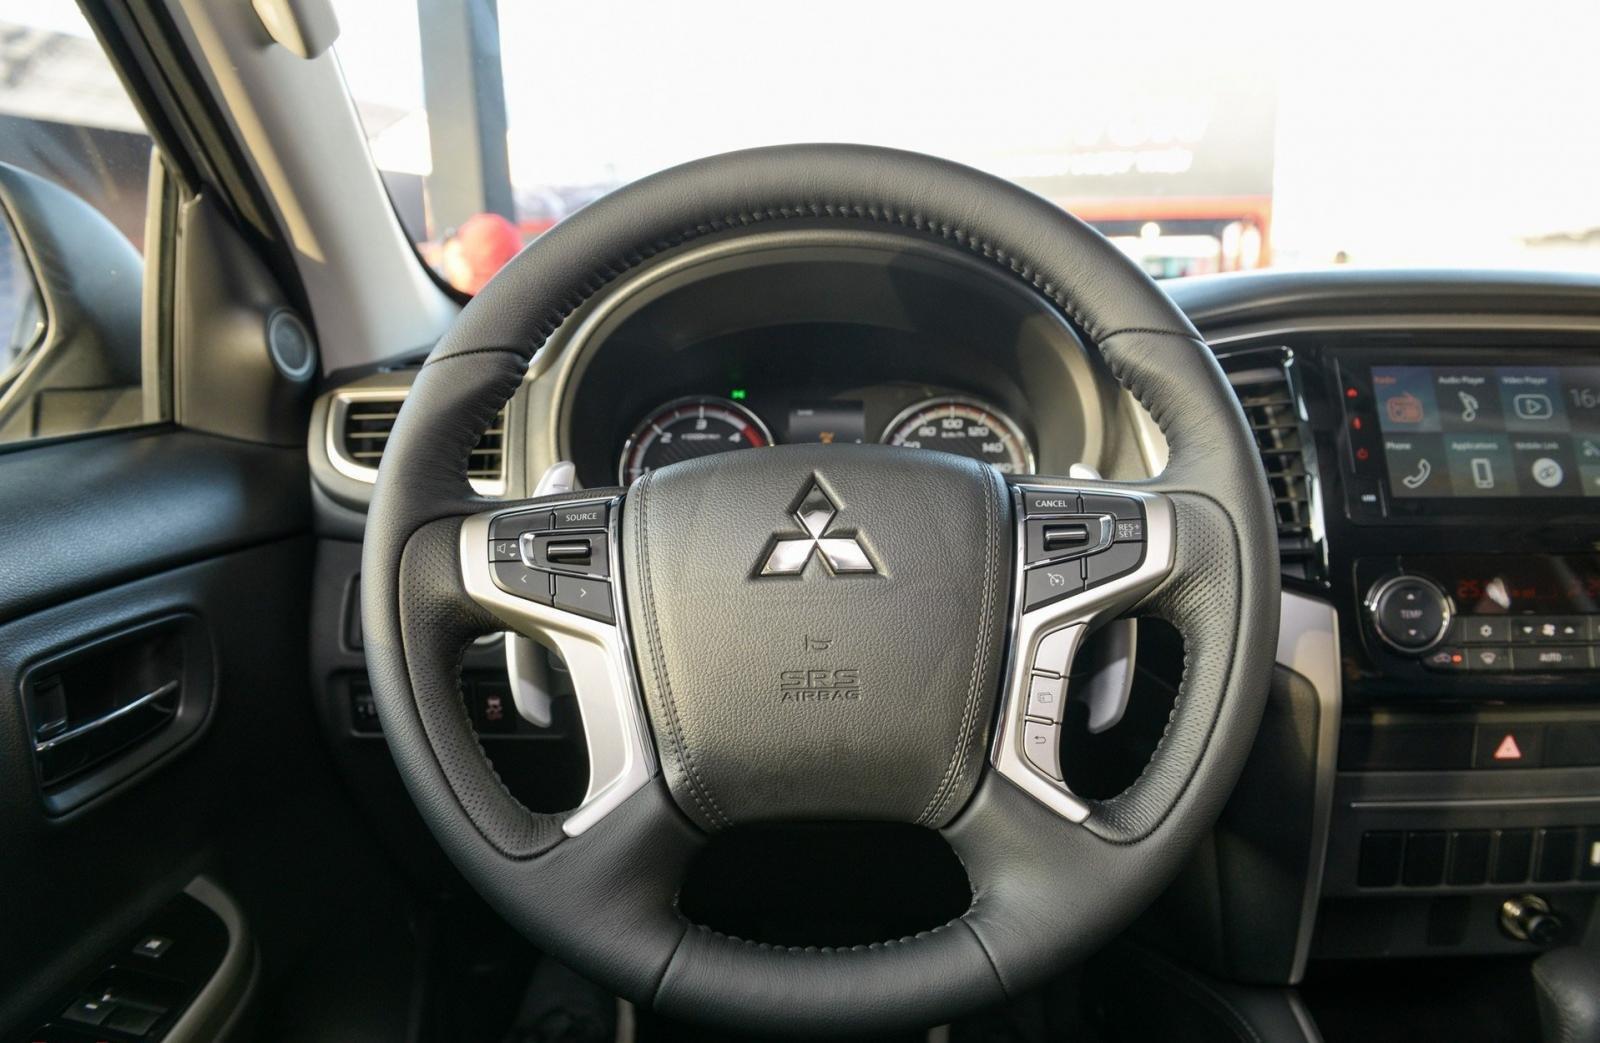 Mitsubishi Triton MIVEC 4x4 AT 2019 và Ford Ranger Wildtrak 4x4 AT 2018 về trang bị táp lô và vô lăng 4